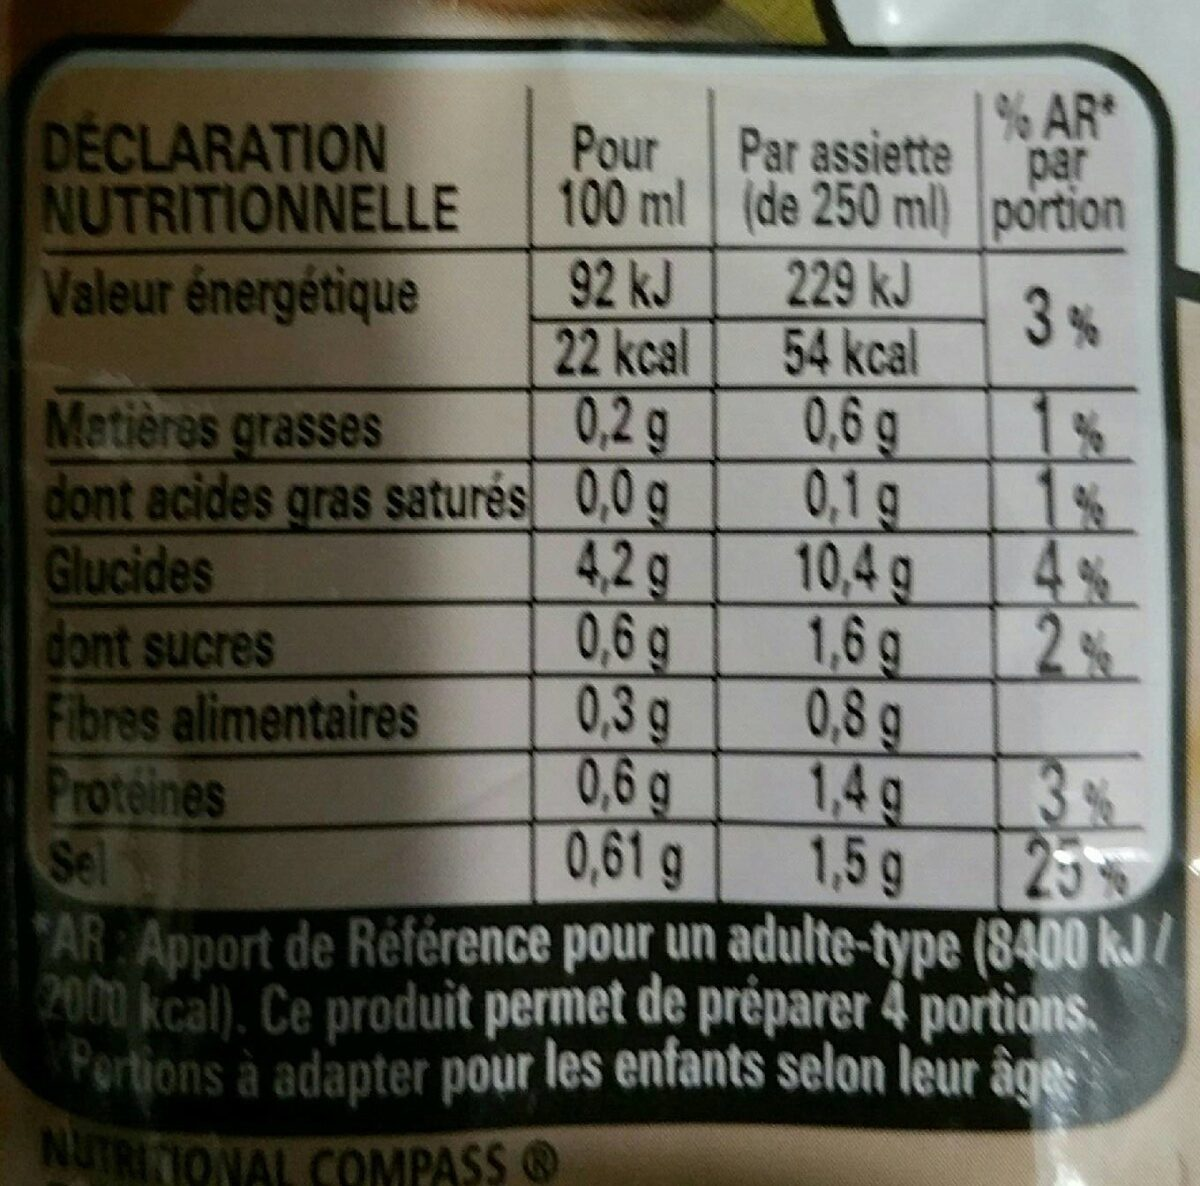 Velouté de Poireaux Pommes de Terre - Informations nutritionnelles - fr